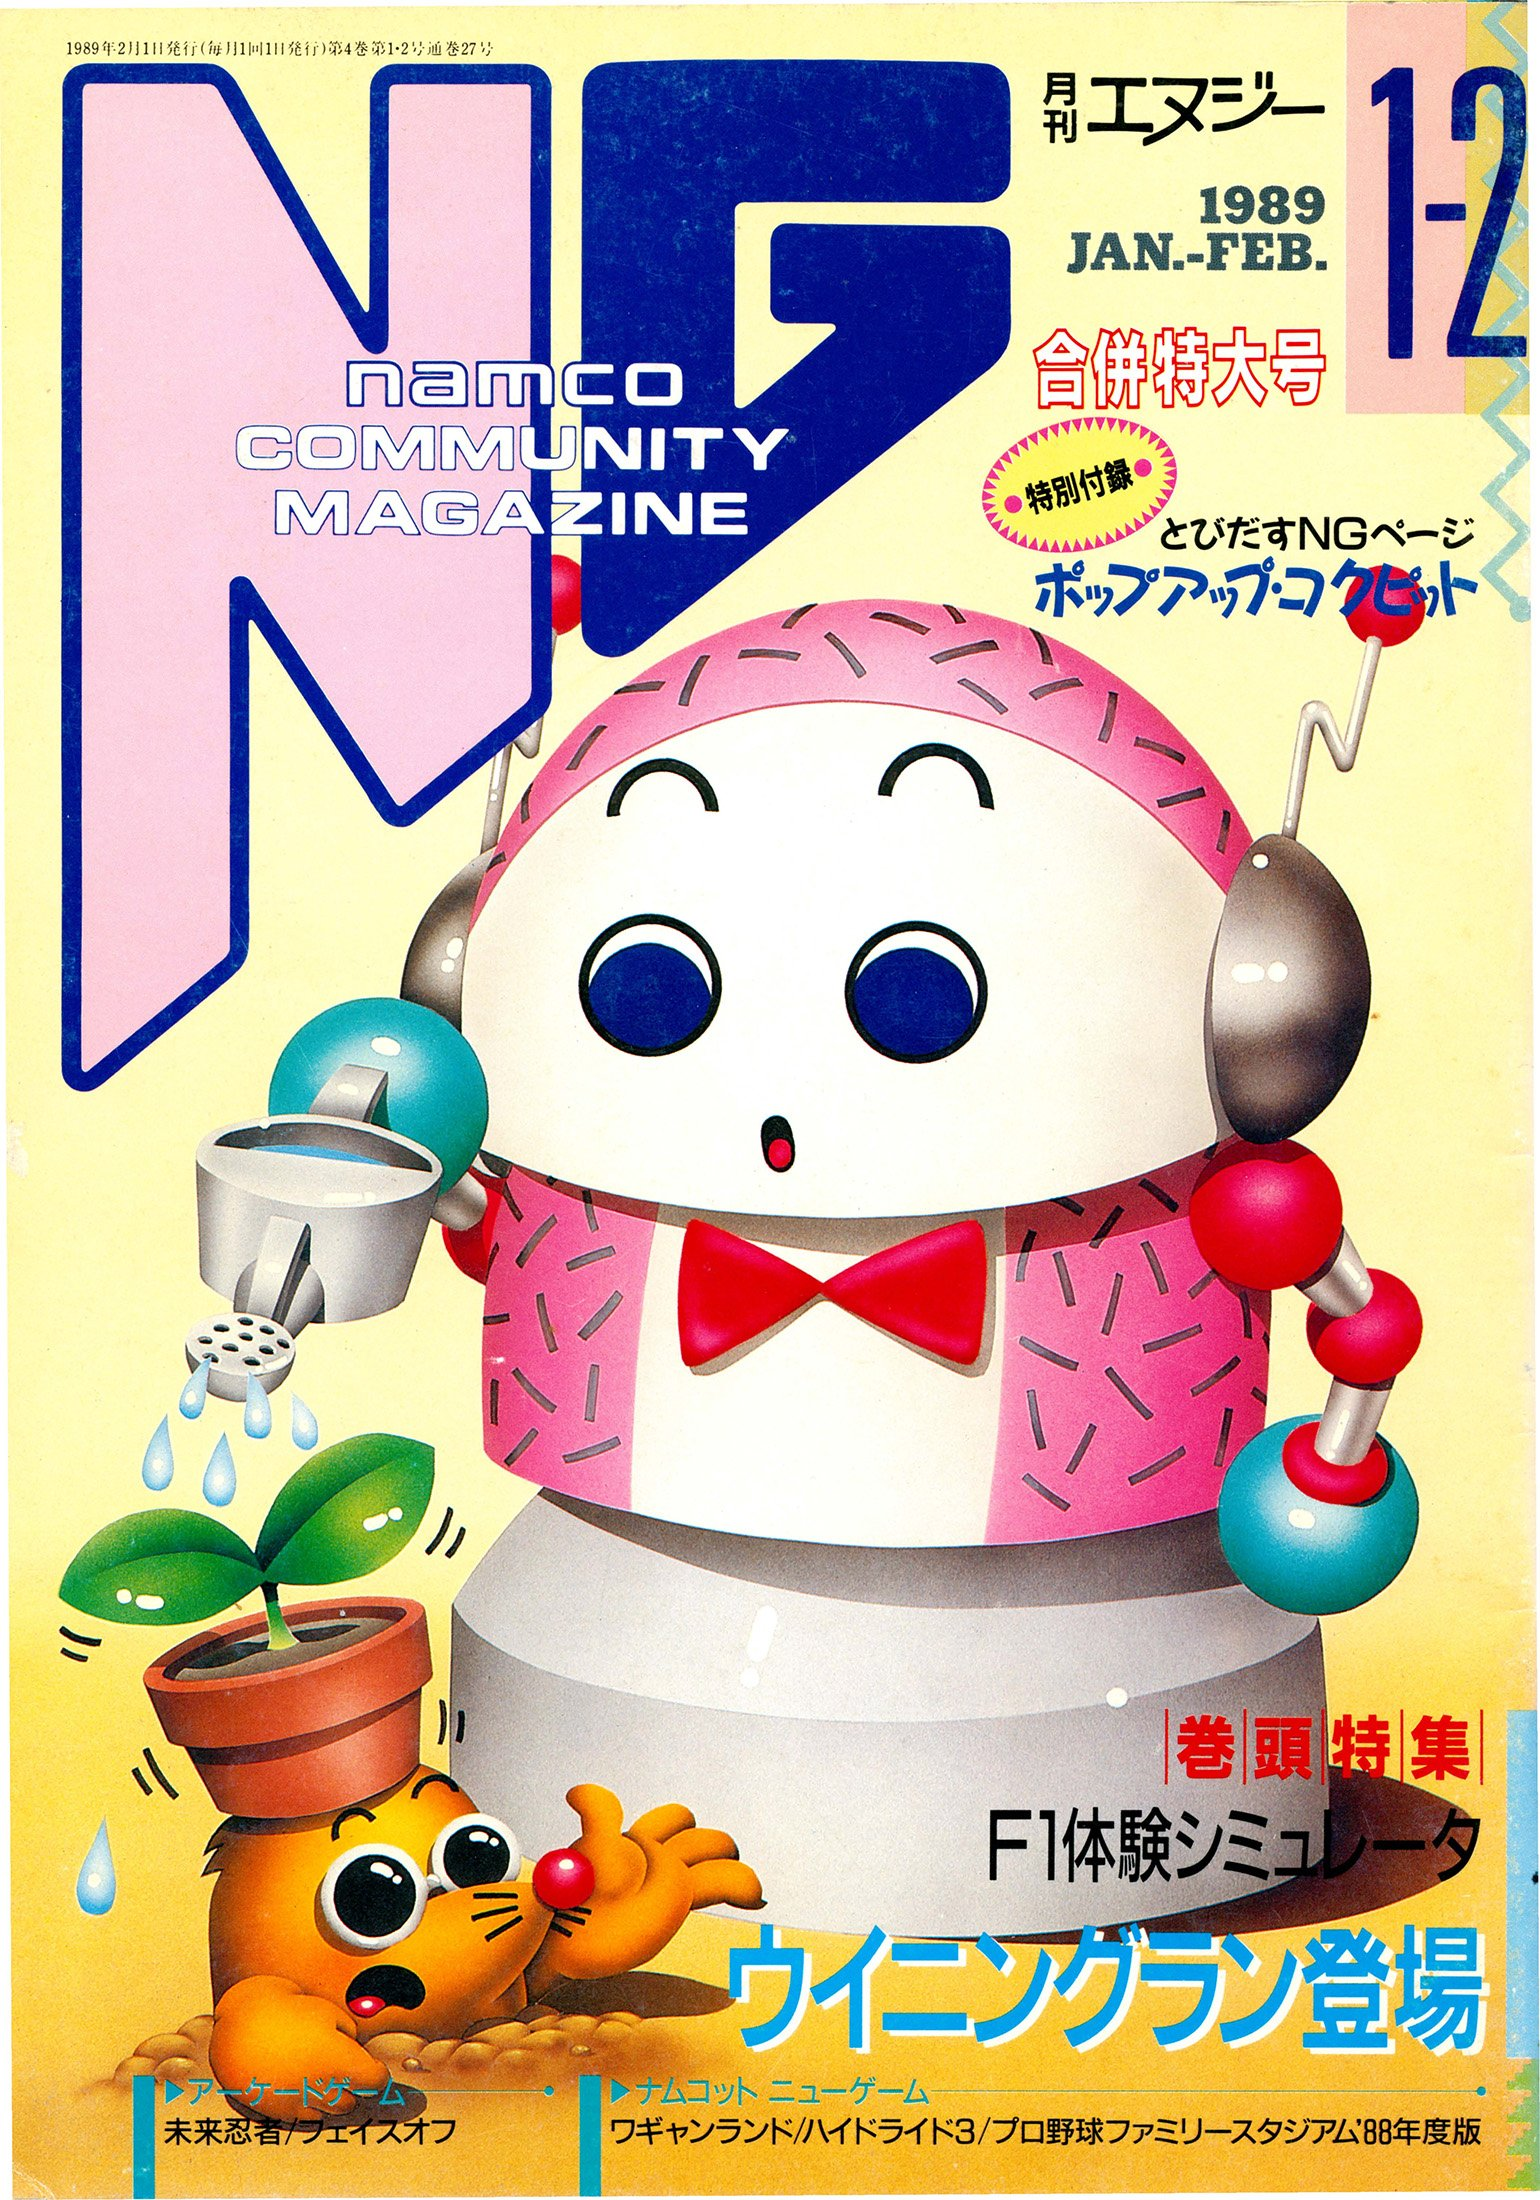 NG Namco Community Magazine Issue 27 (January - February 1989)